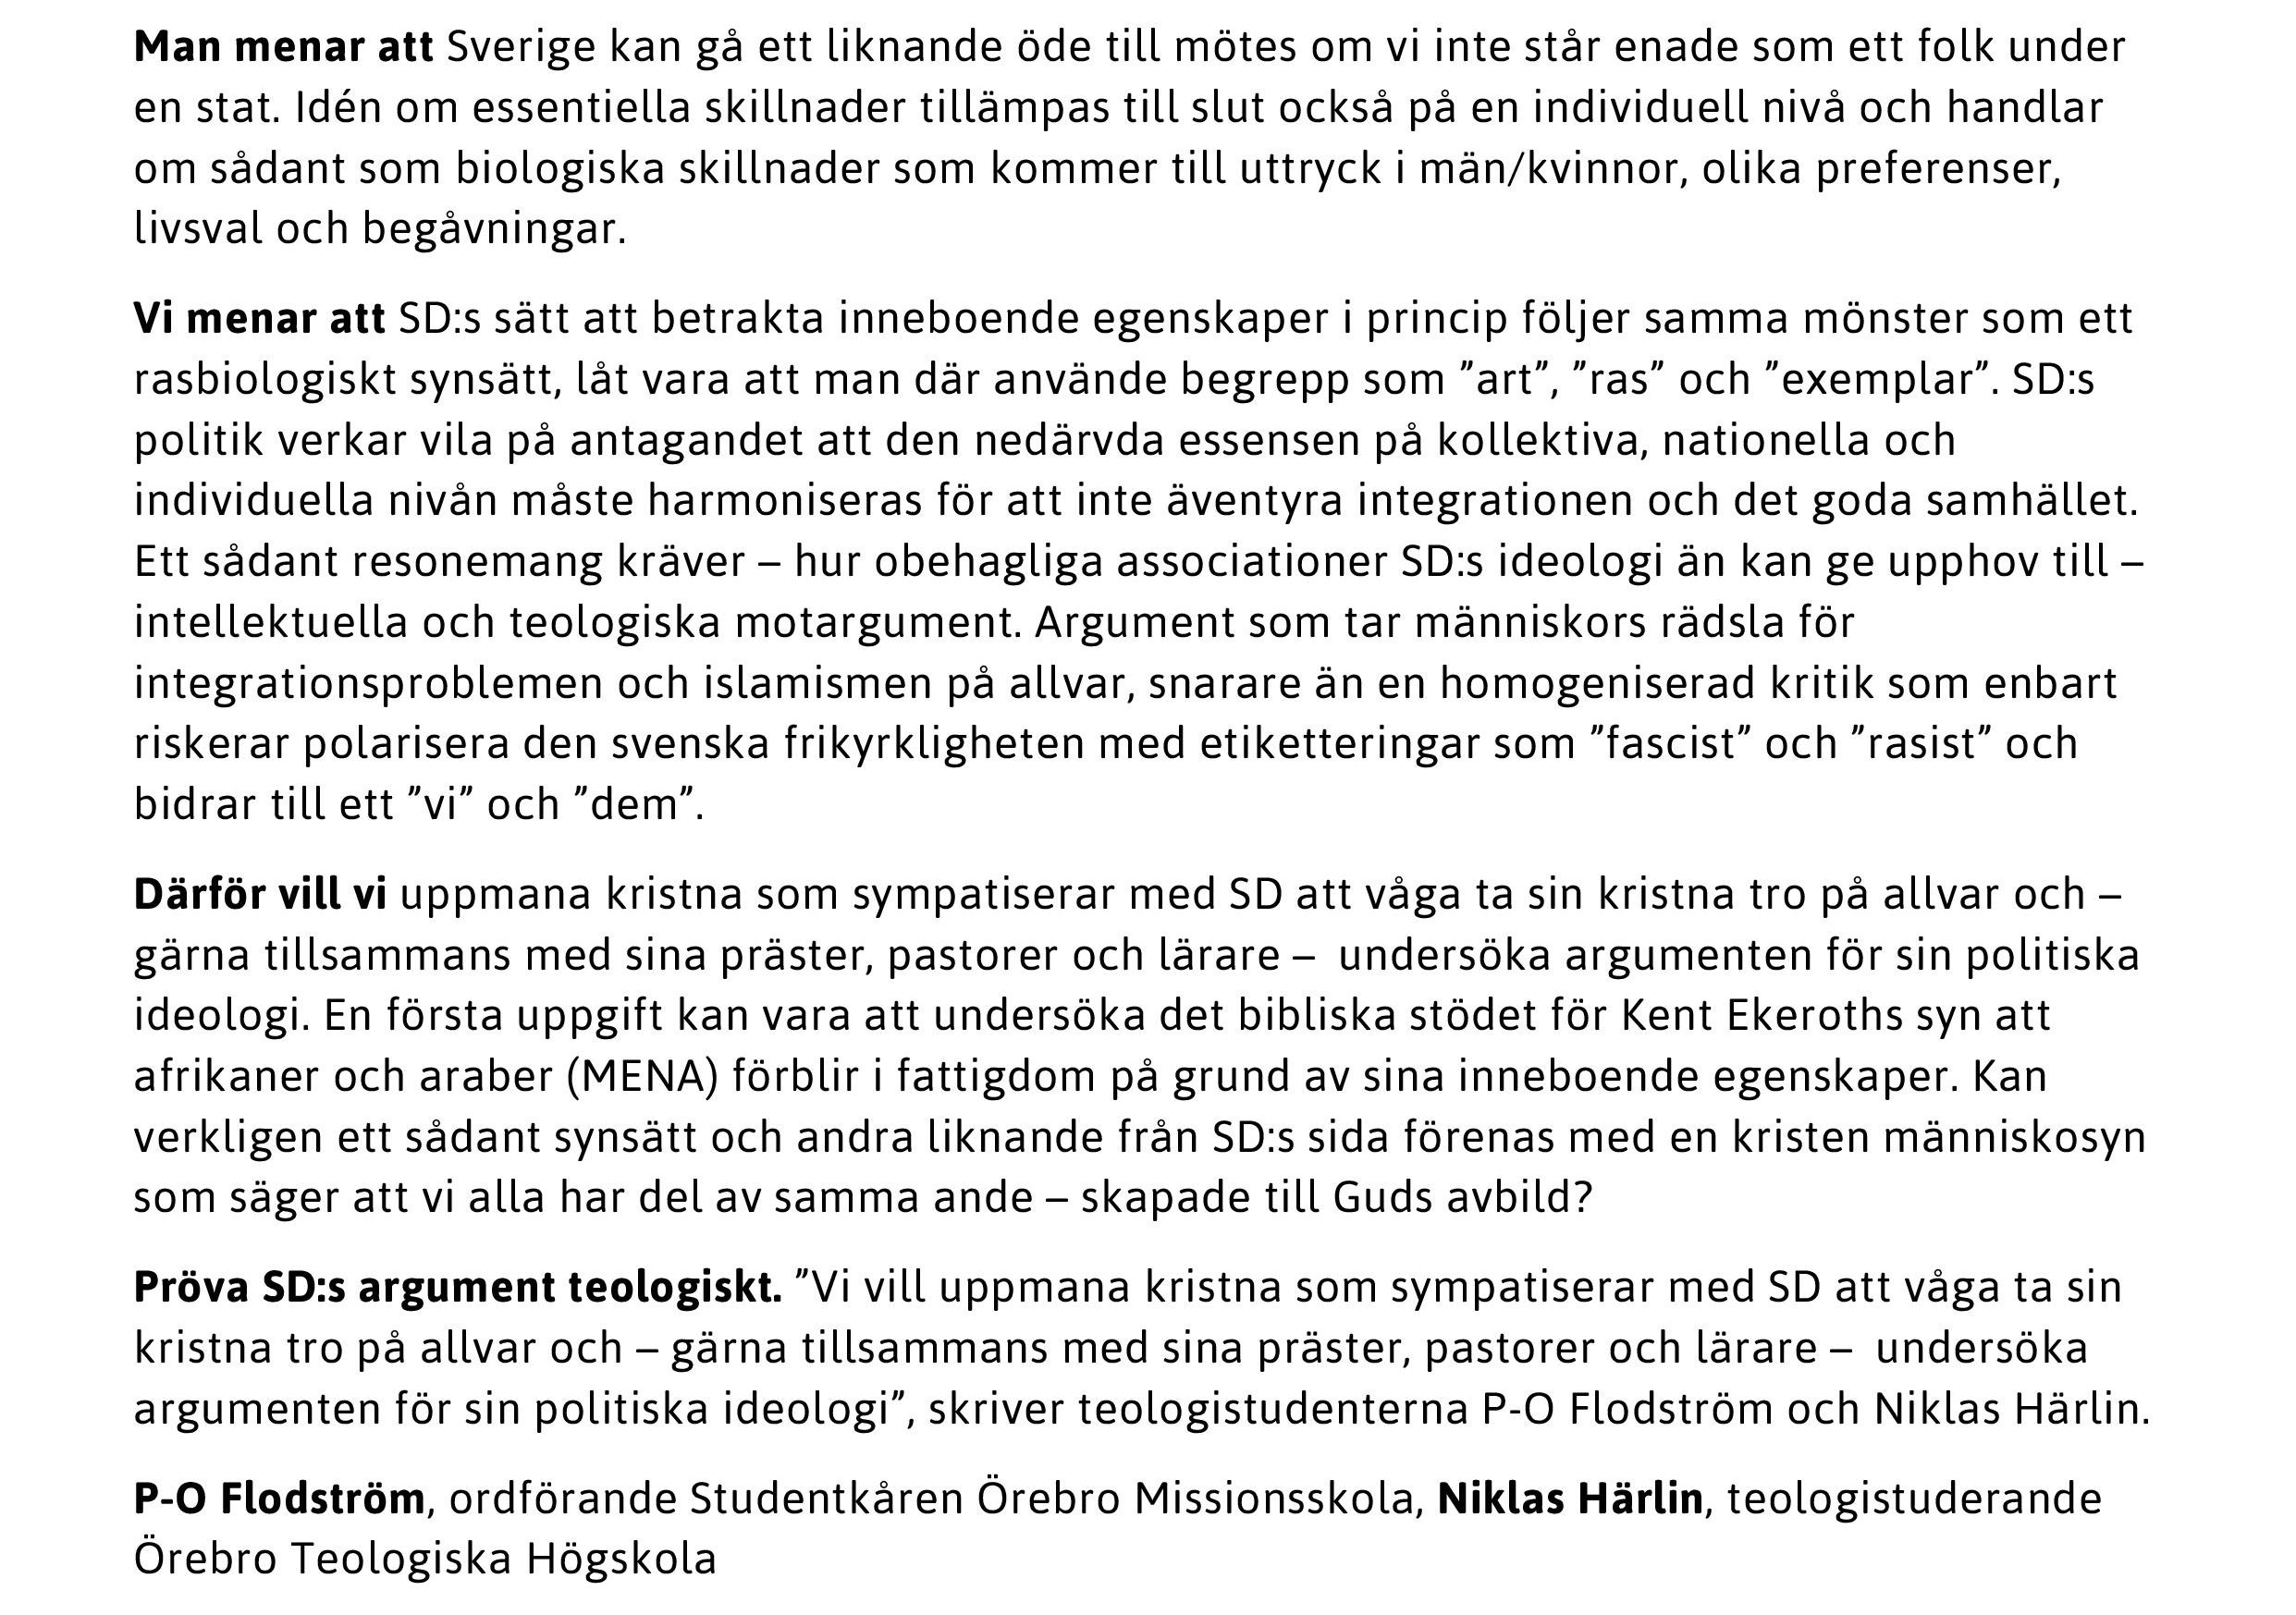 sd_s-manniskosyn-ar-okristen-dagen-page-002